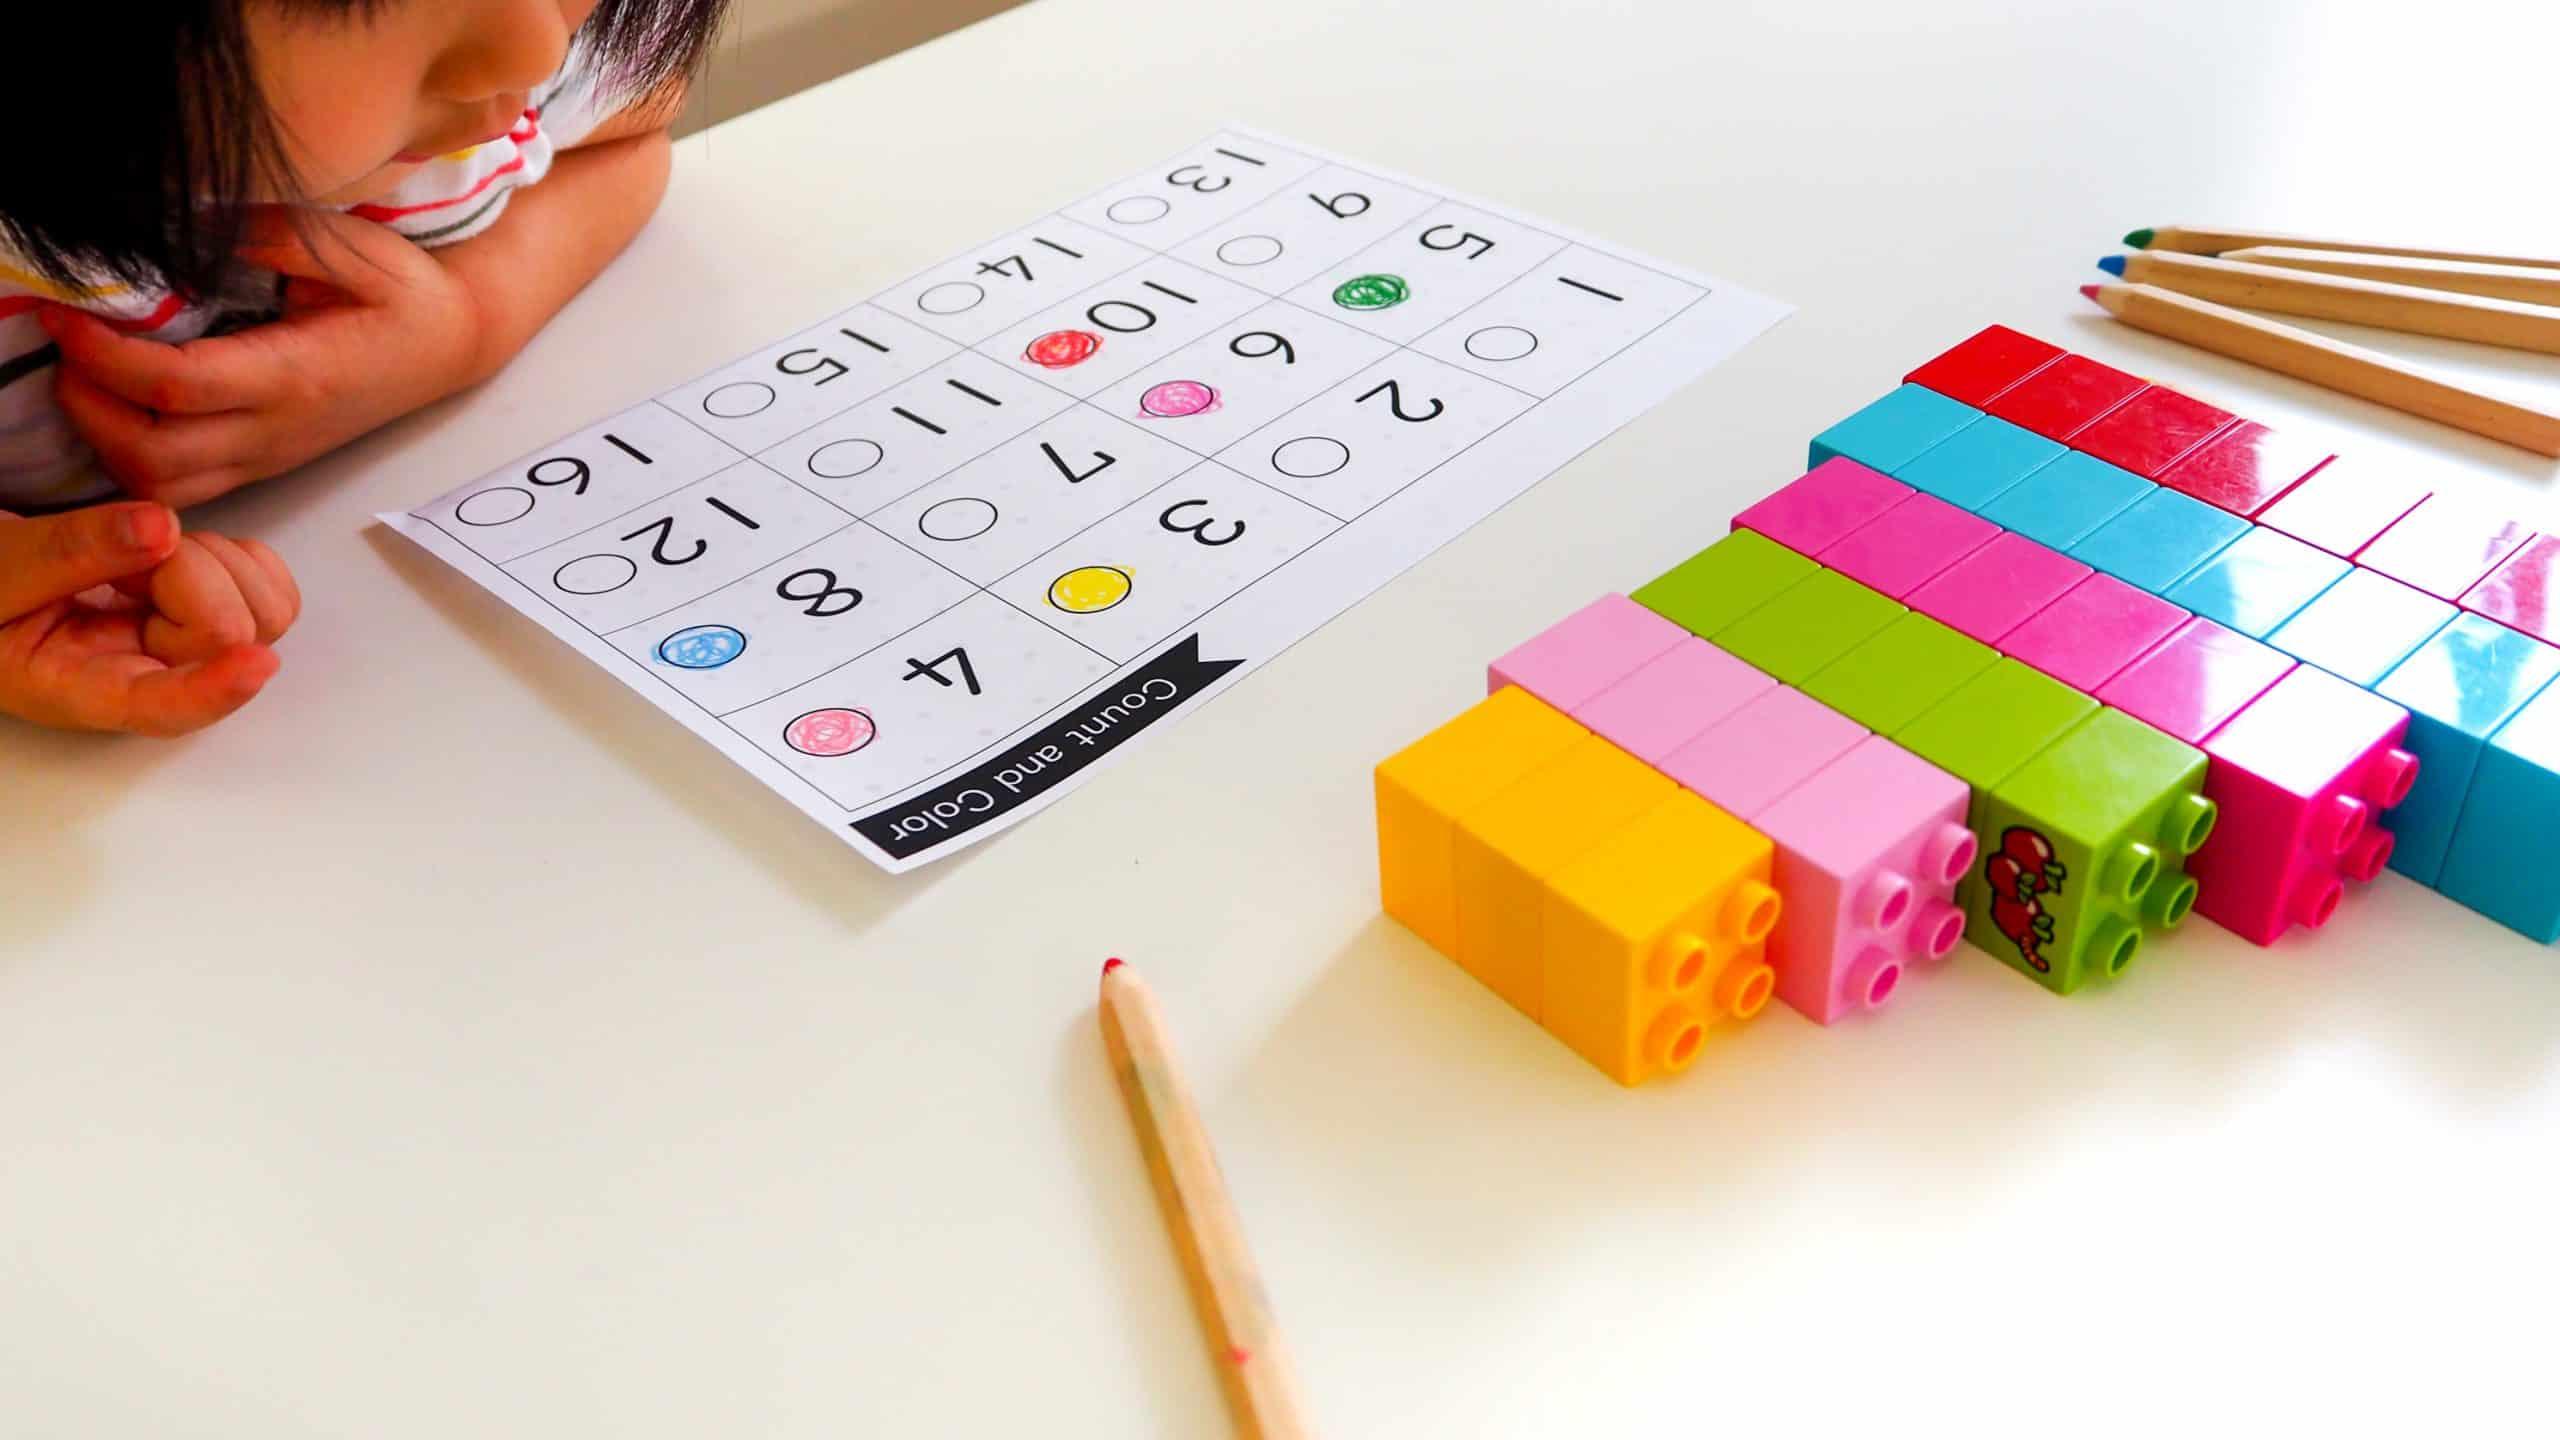 FUN 疊積木玩數數 與顏色配對遊戲 (免費圖檔分享) | 歐的樂星球